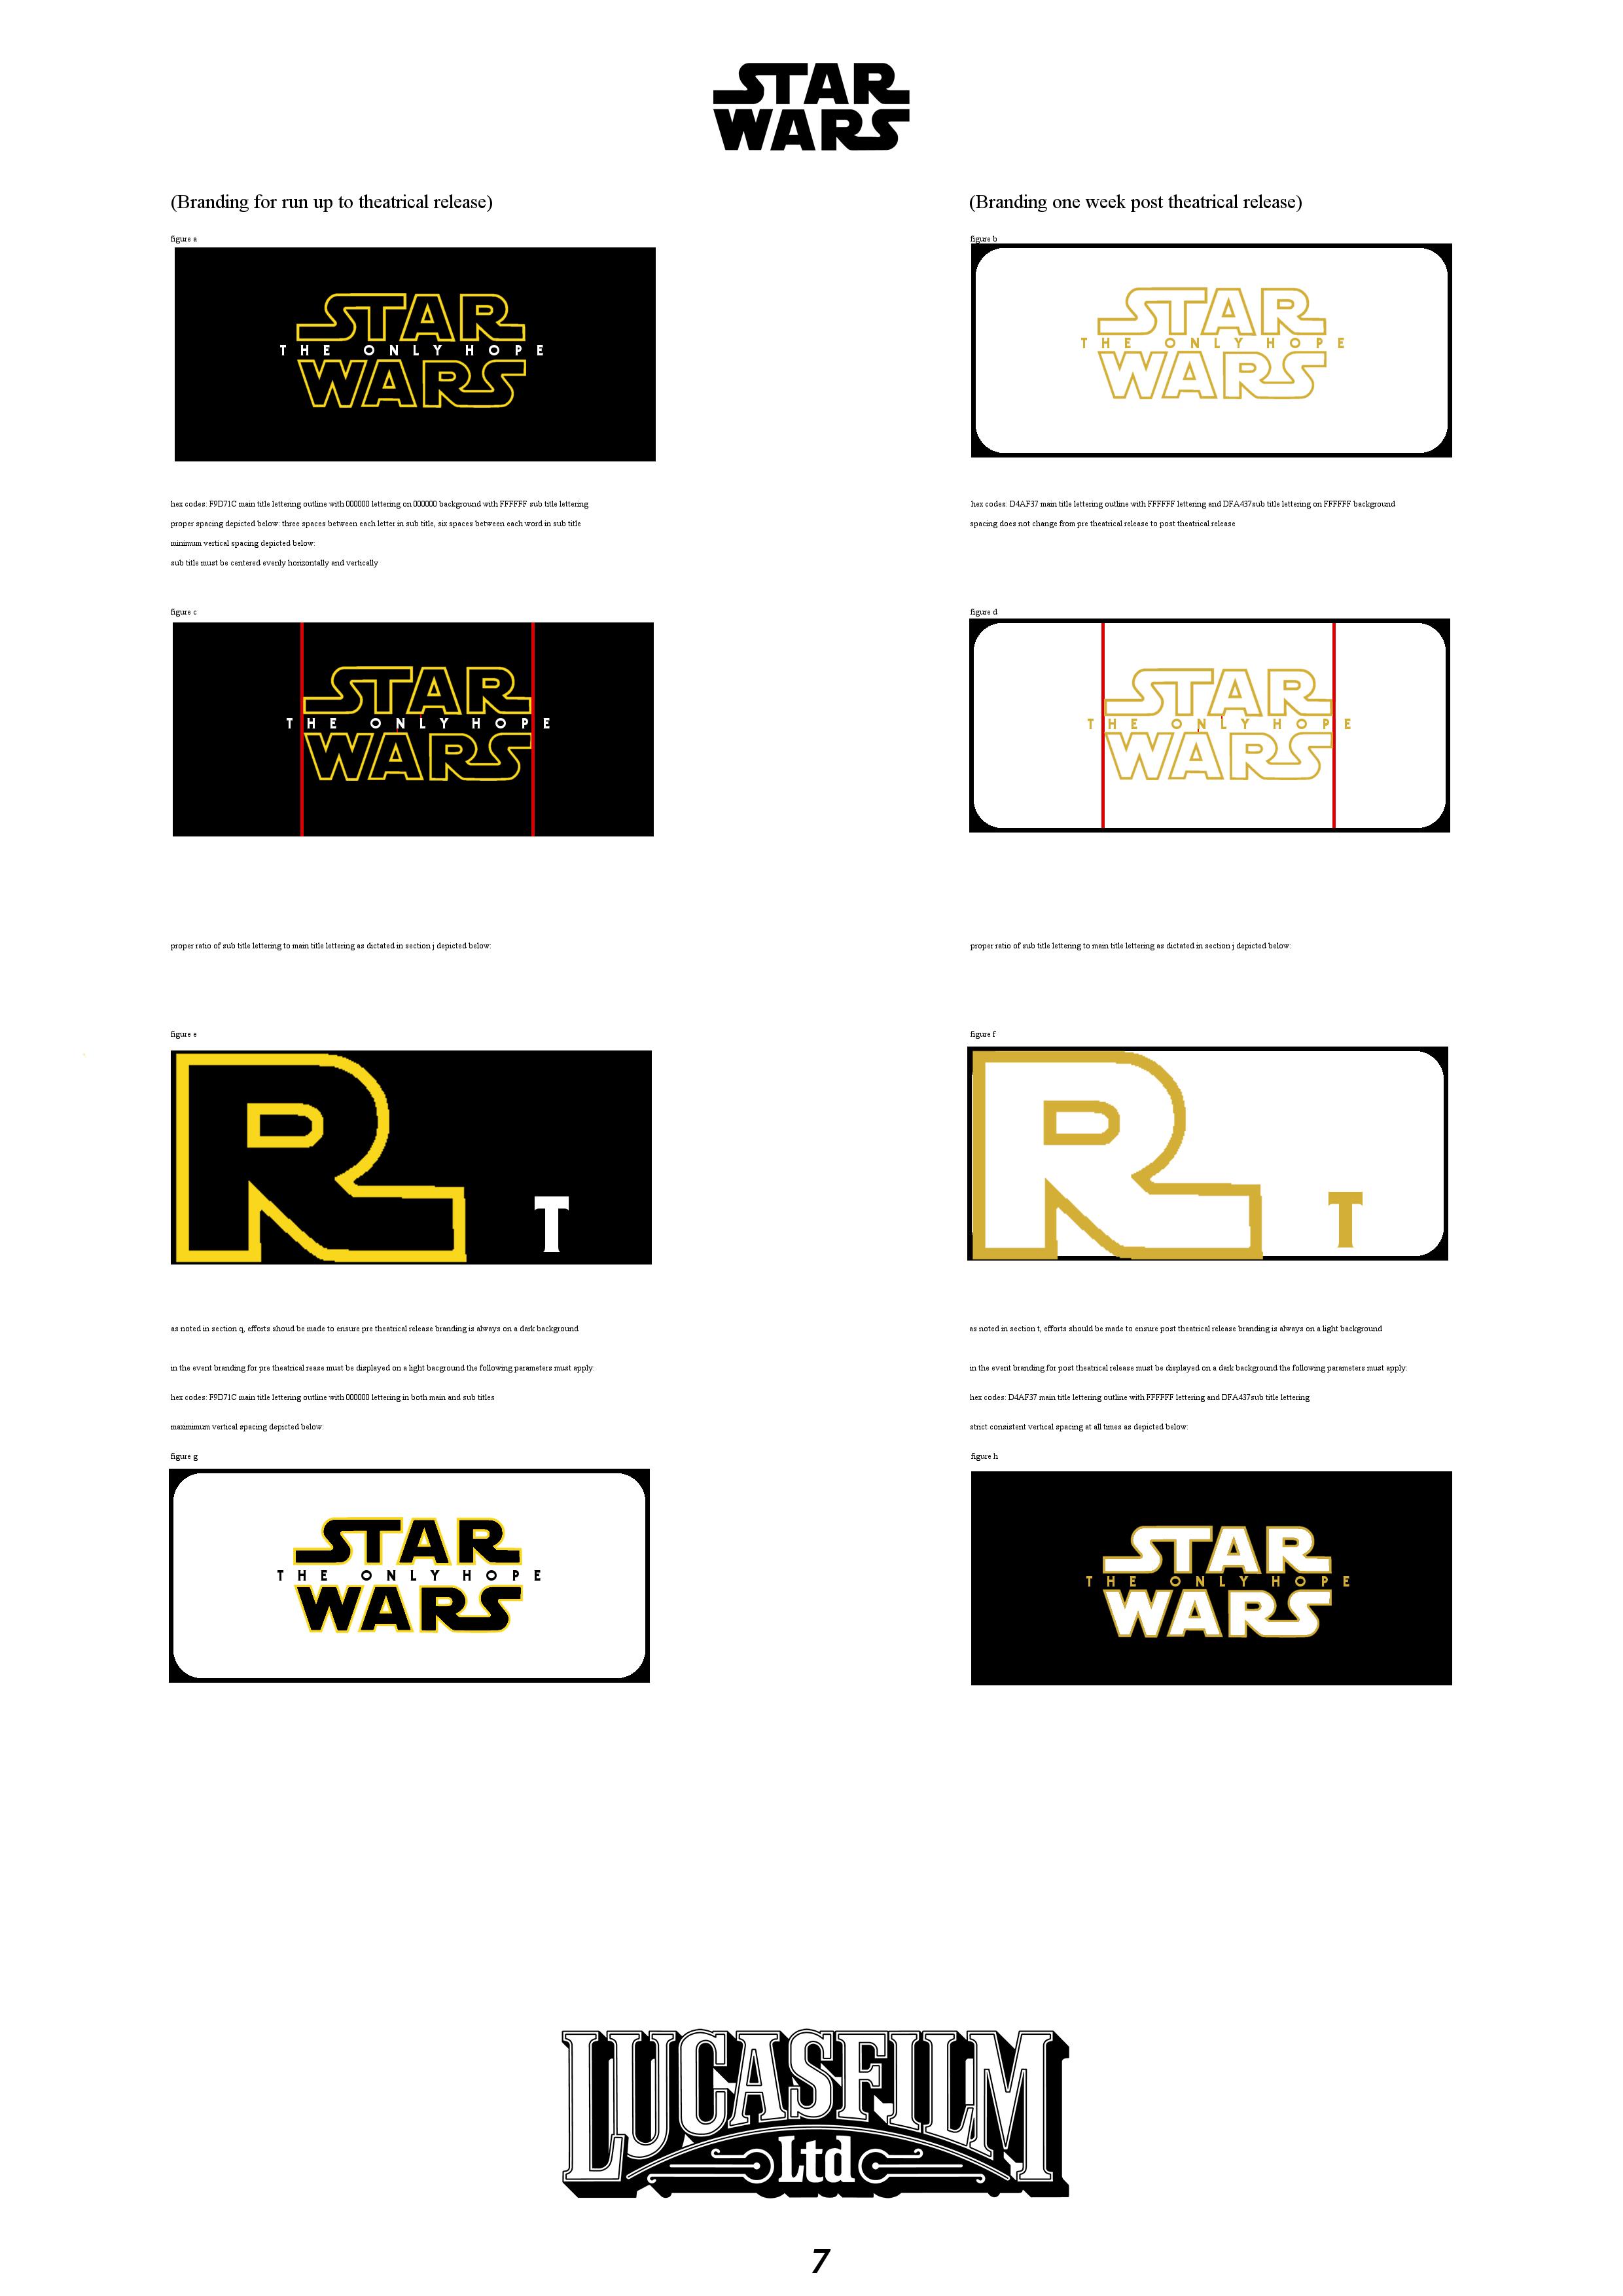 Star Wars Episode IX Title - Alleged Marketing Leak